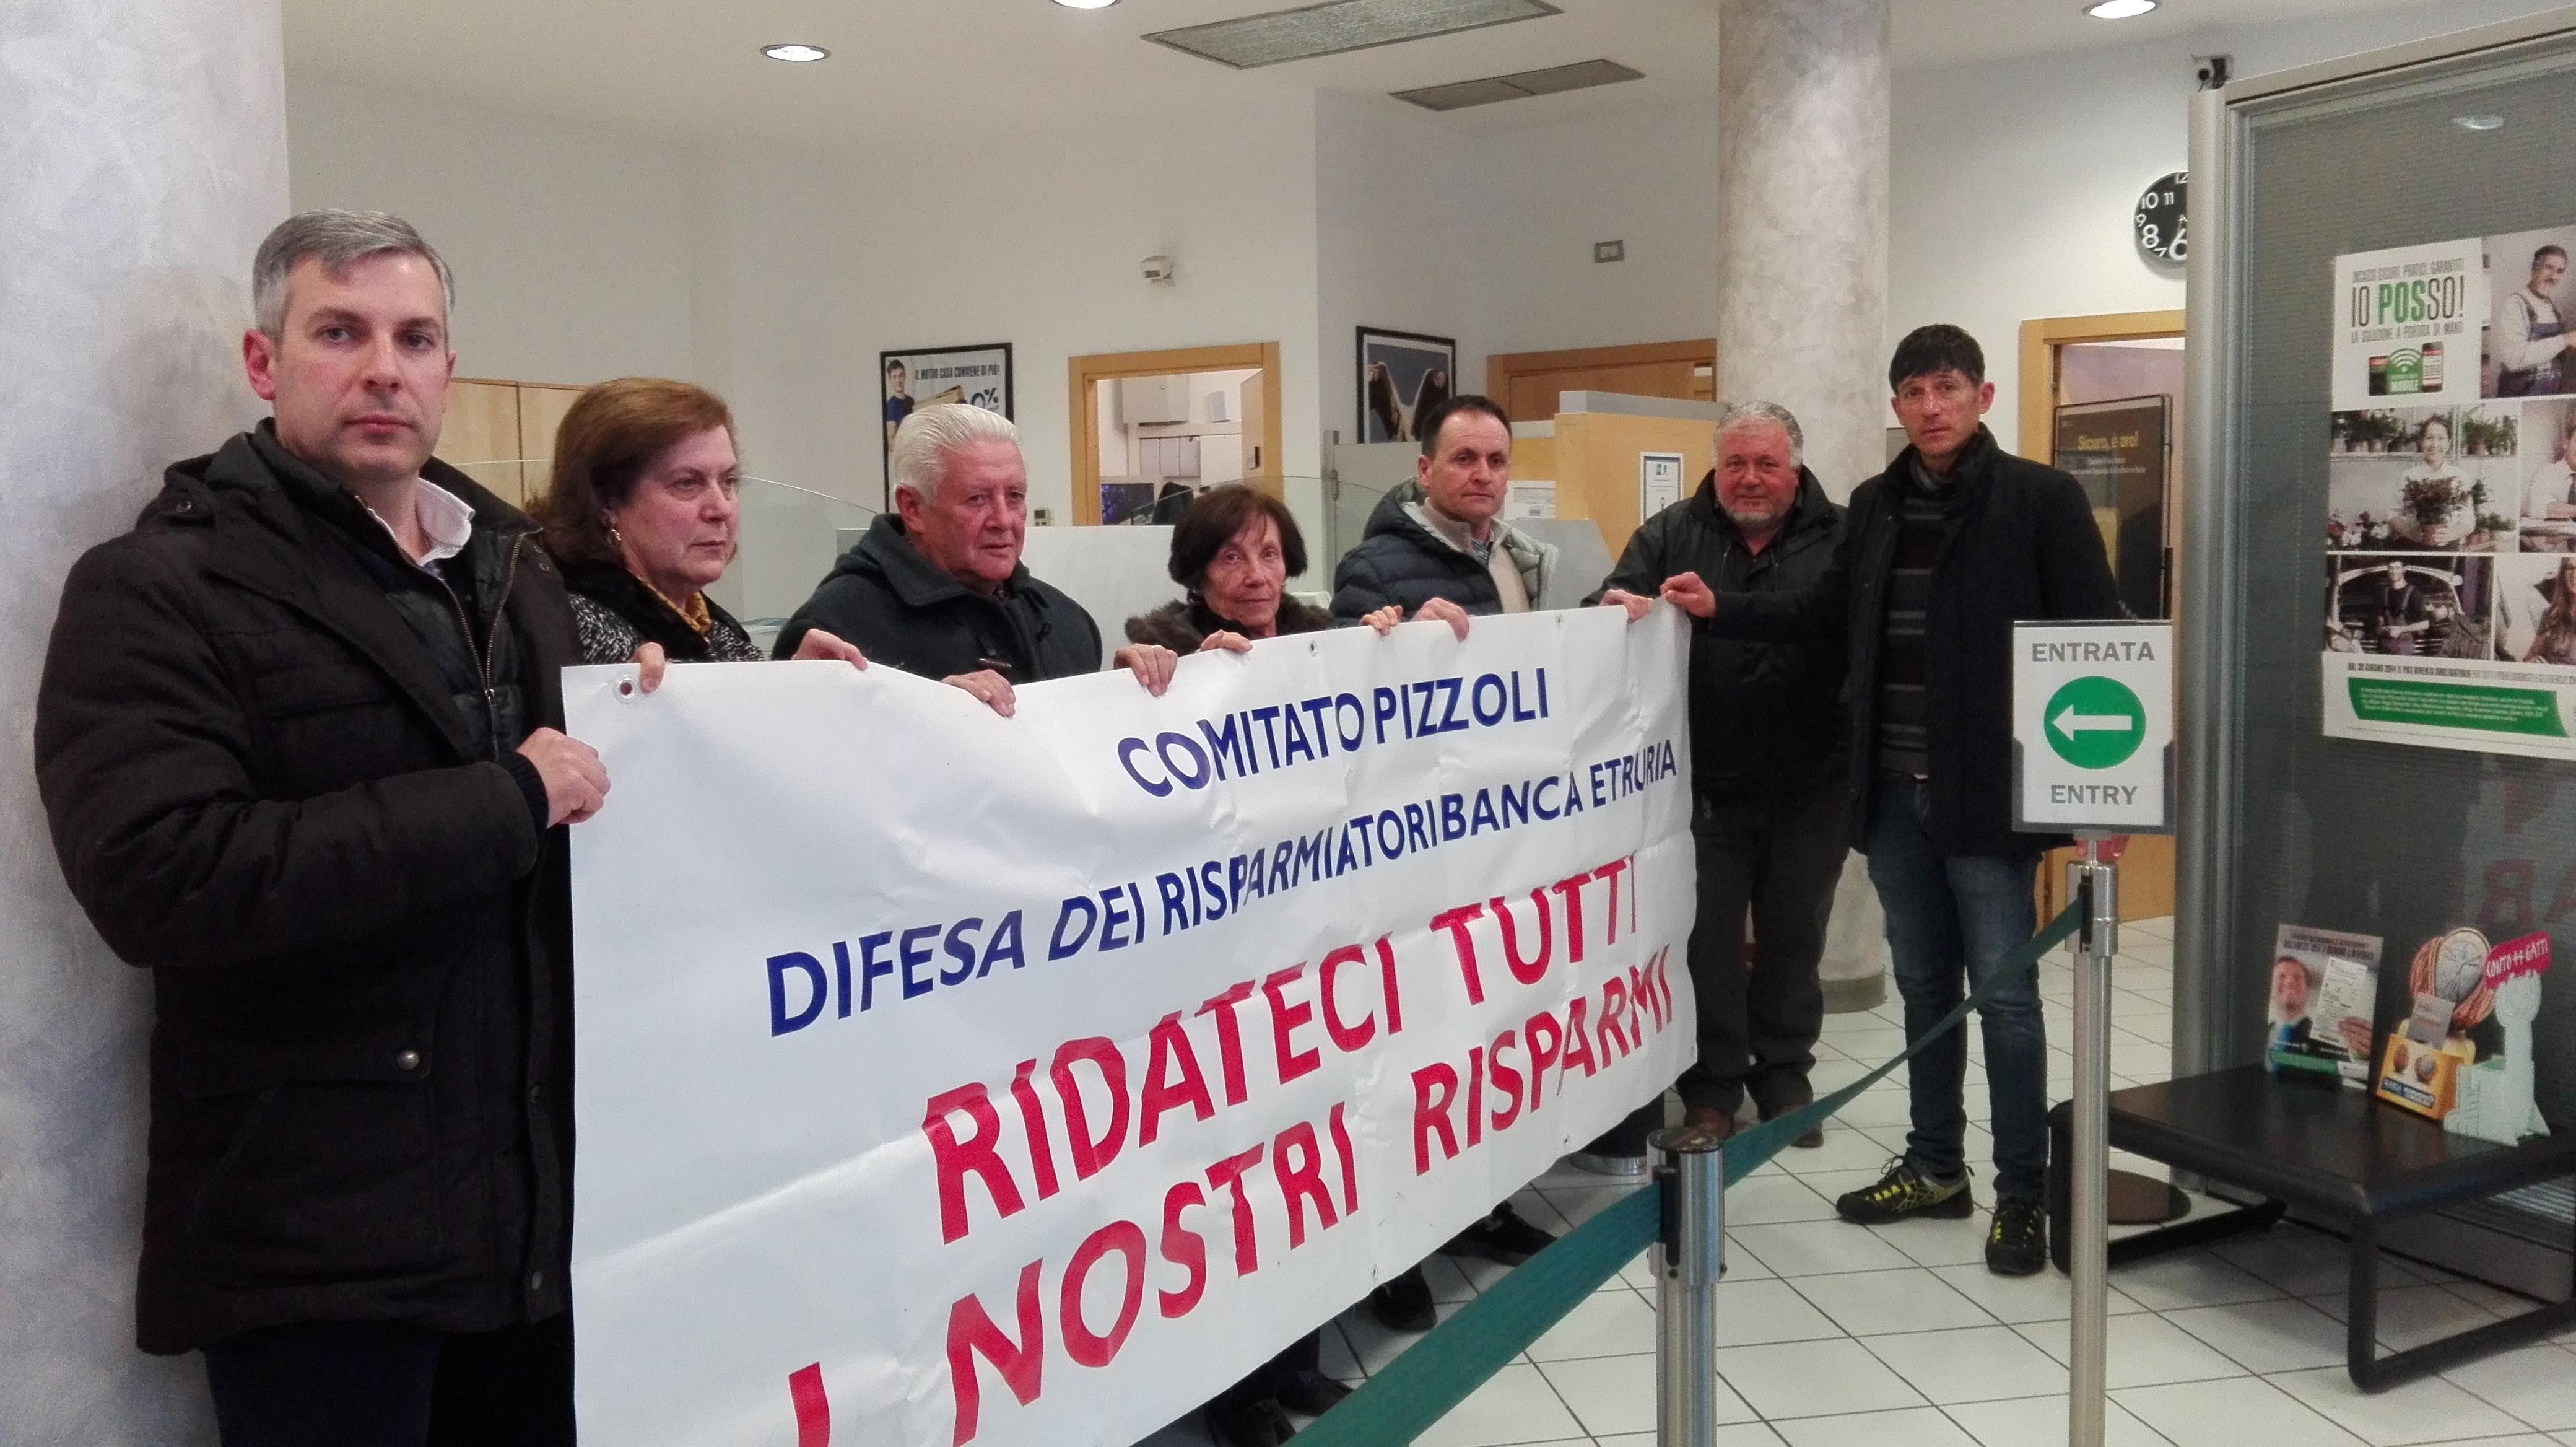 Pizzoli, i risparmiatori occupano la Banca Etruria